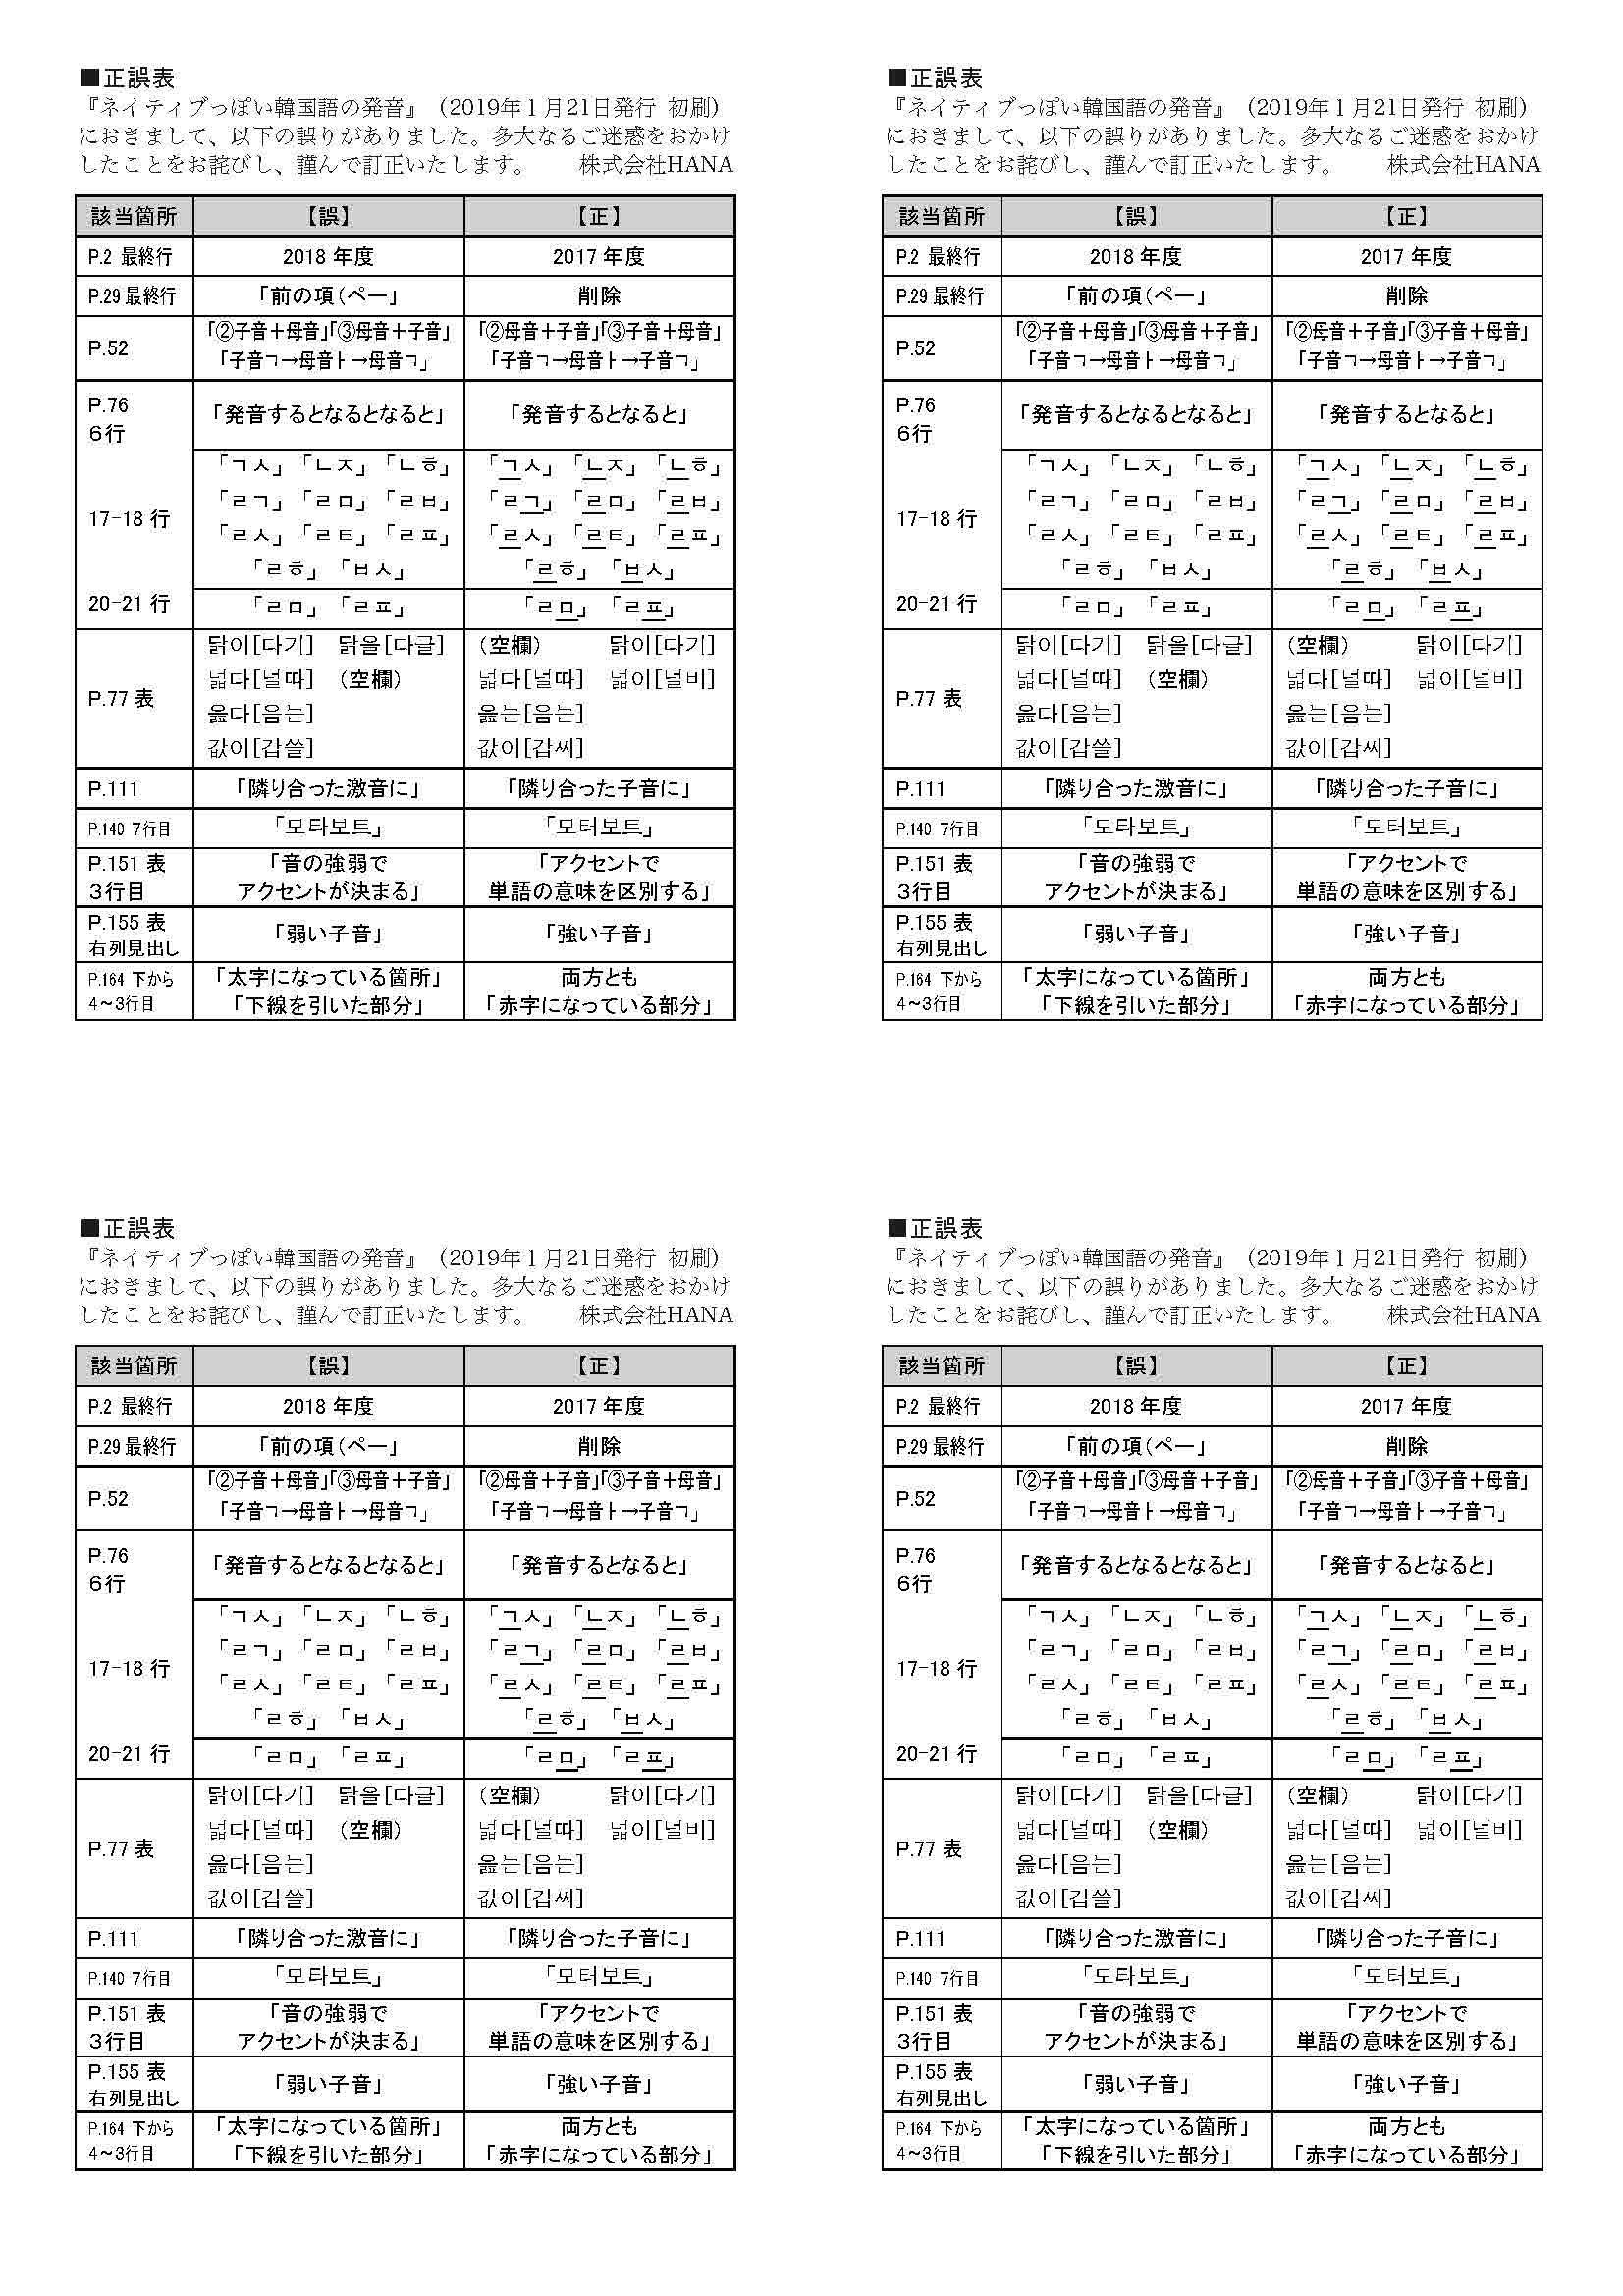 ネイティブっぽい韓国語の発音_初刷正誤表